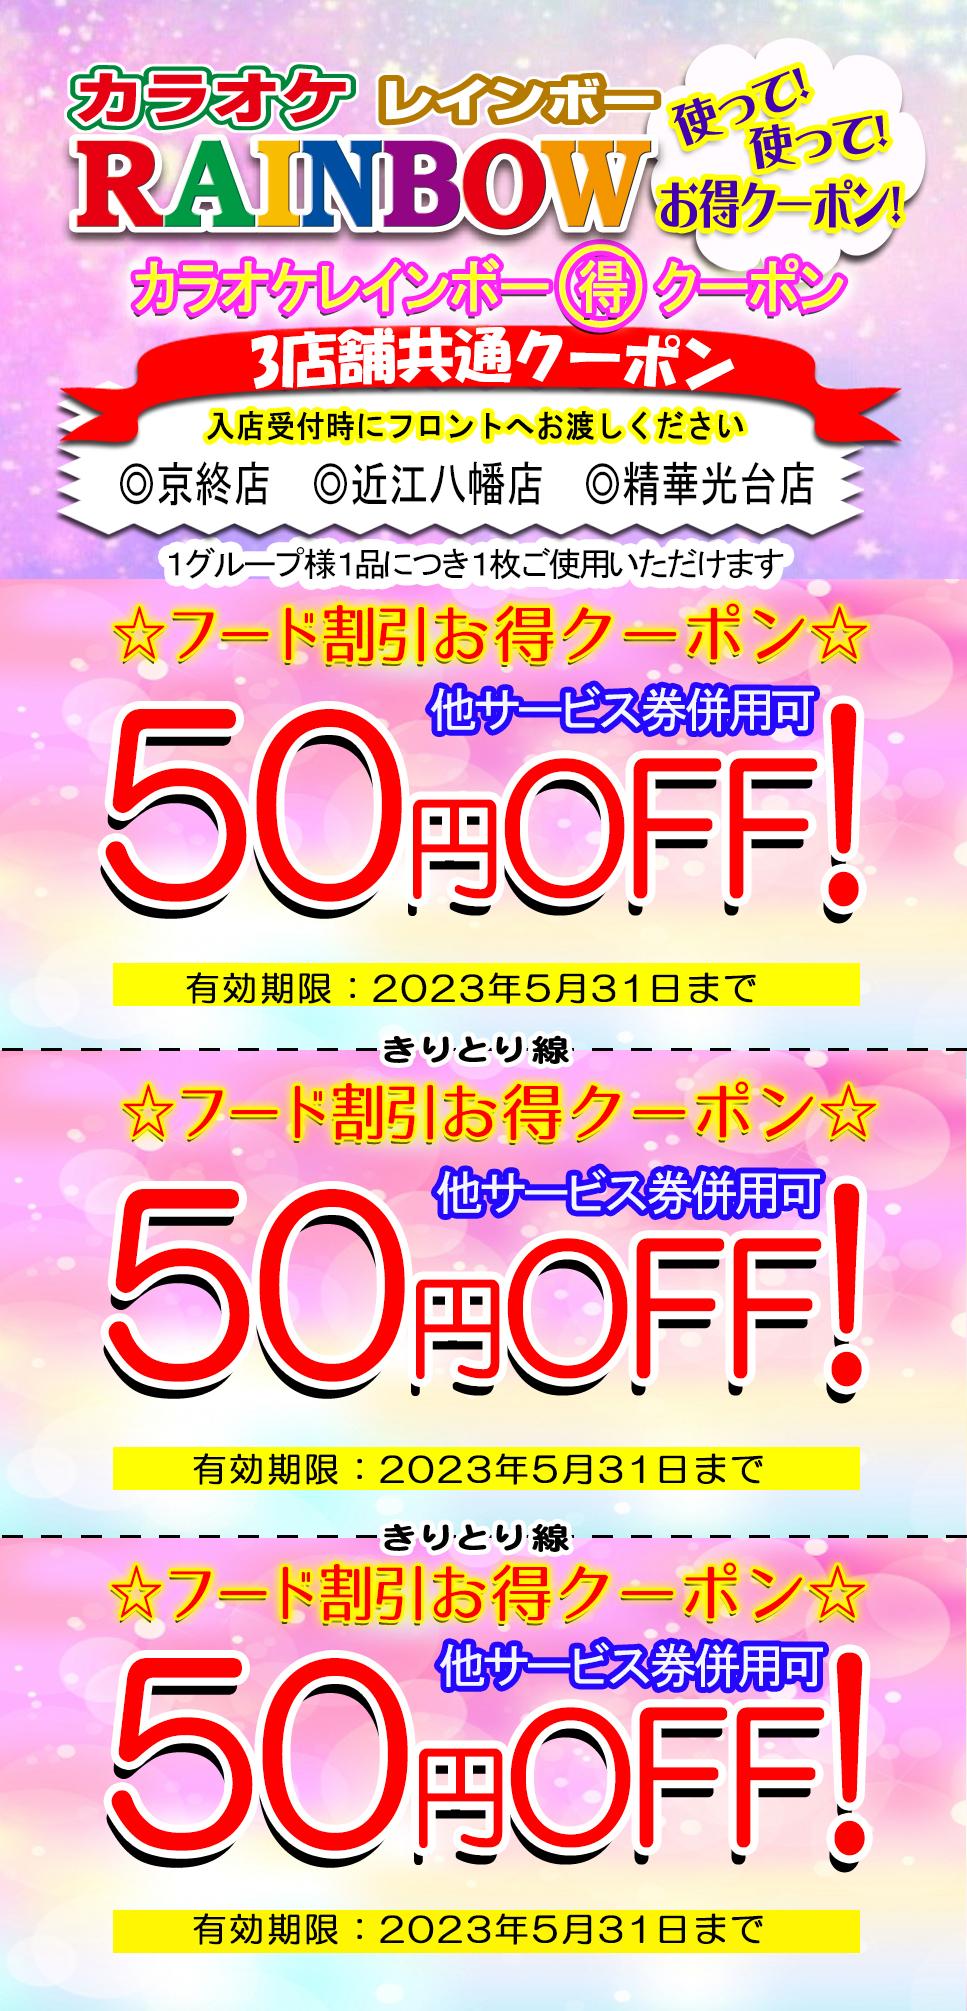 2020精華50円引きチケット